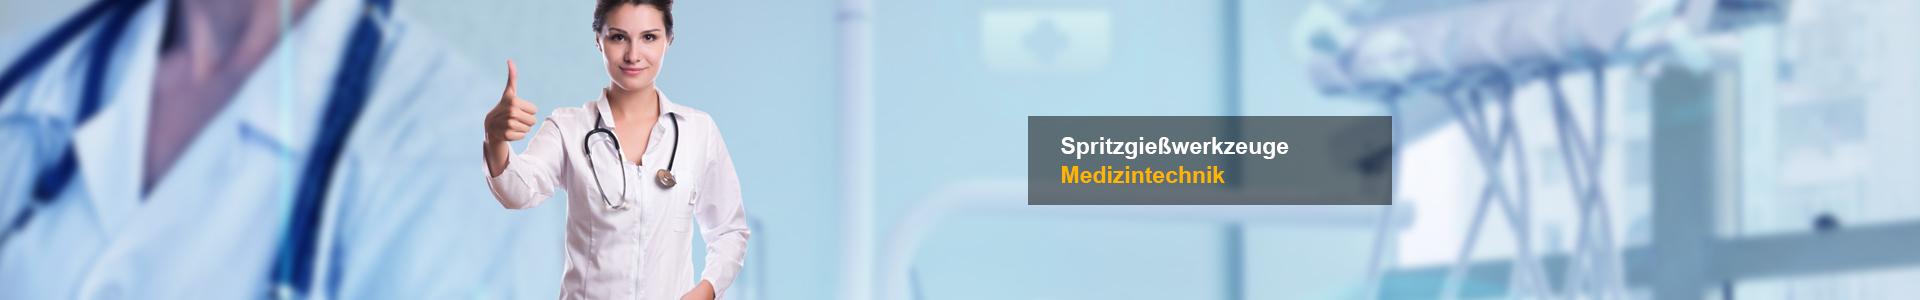 Spritzgießwerkzeuge Medizintechnik